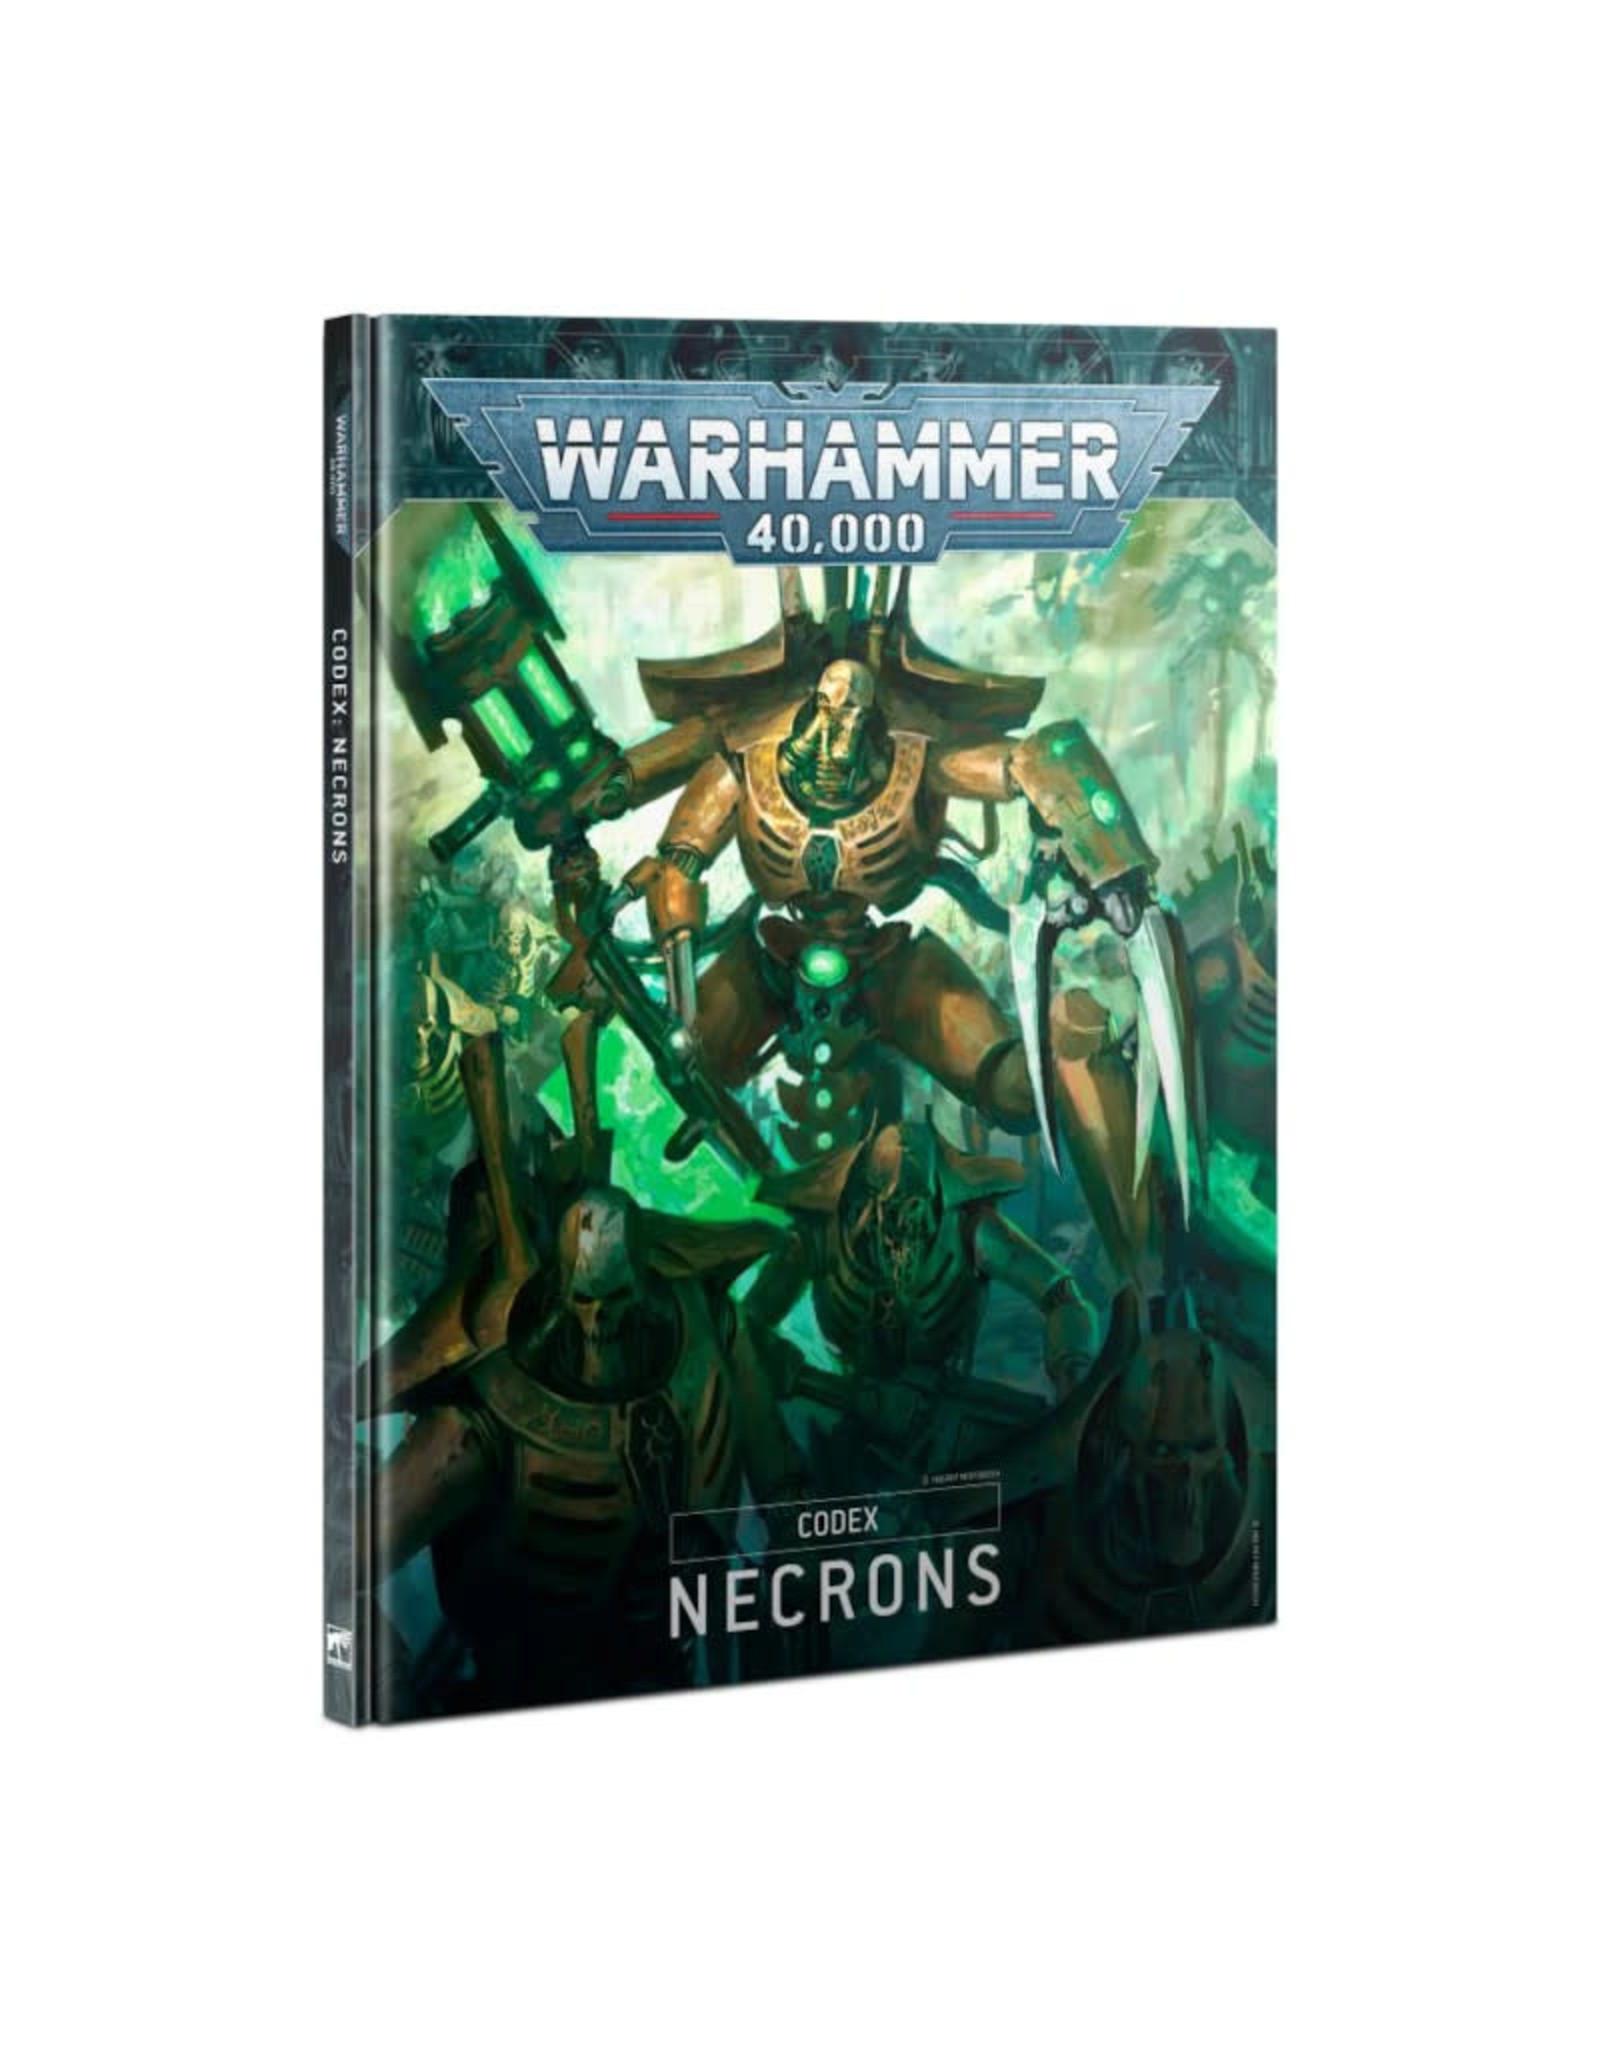 Games Workshop Warhammer 40K Codex Necrons